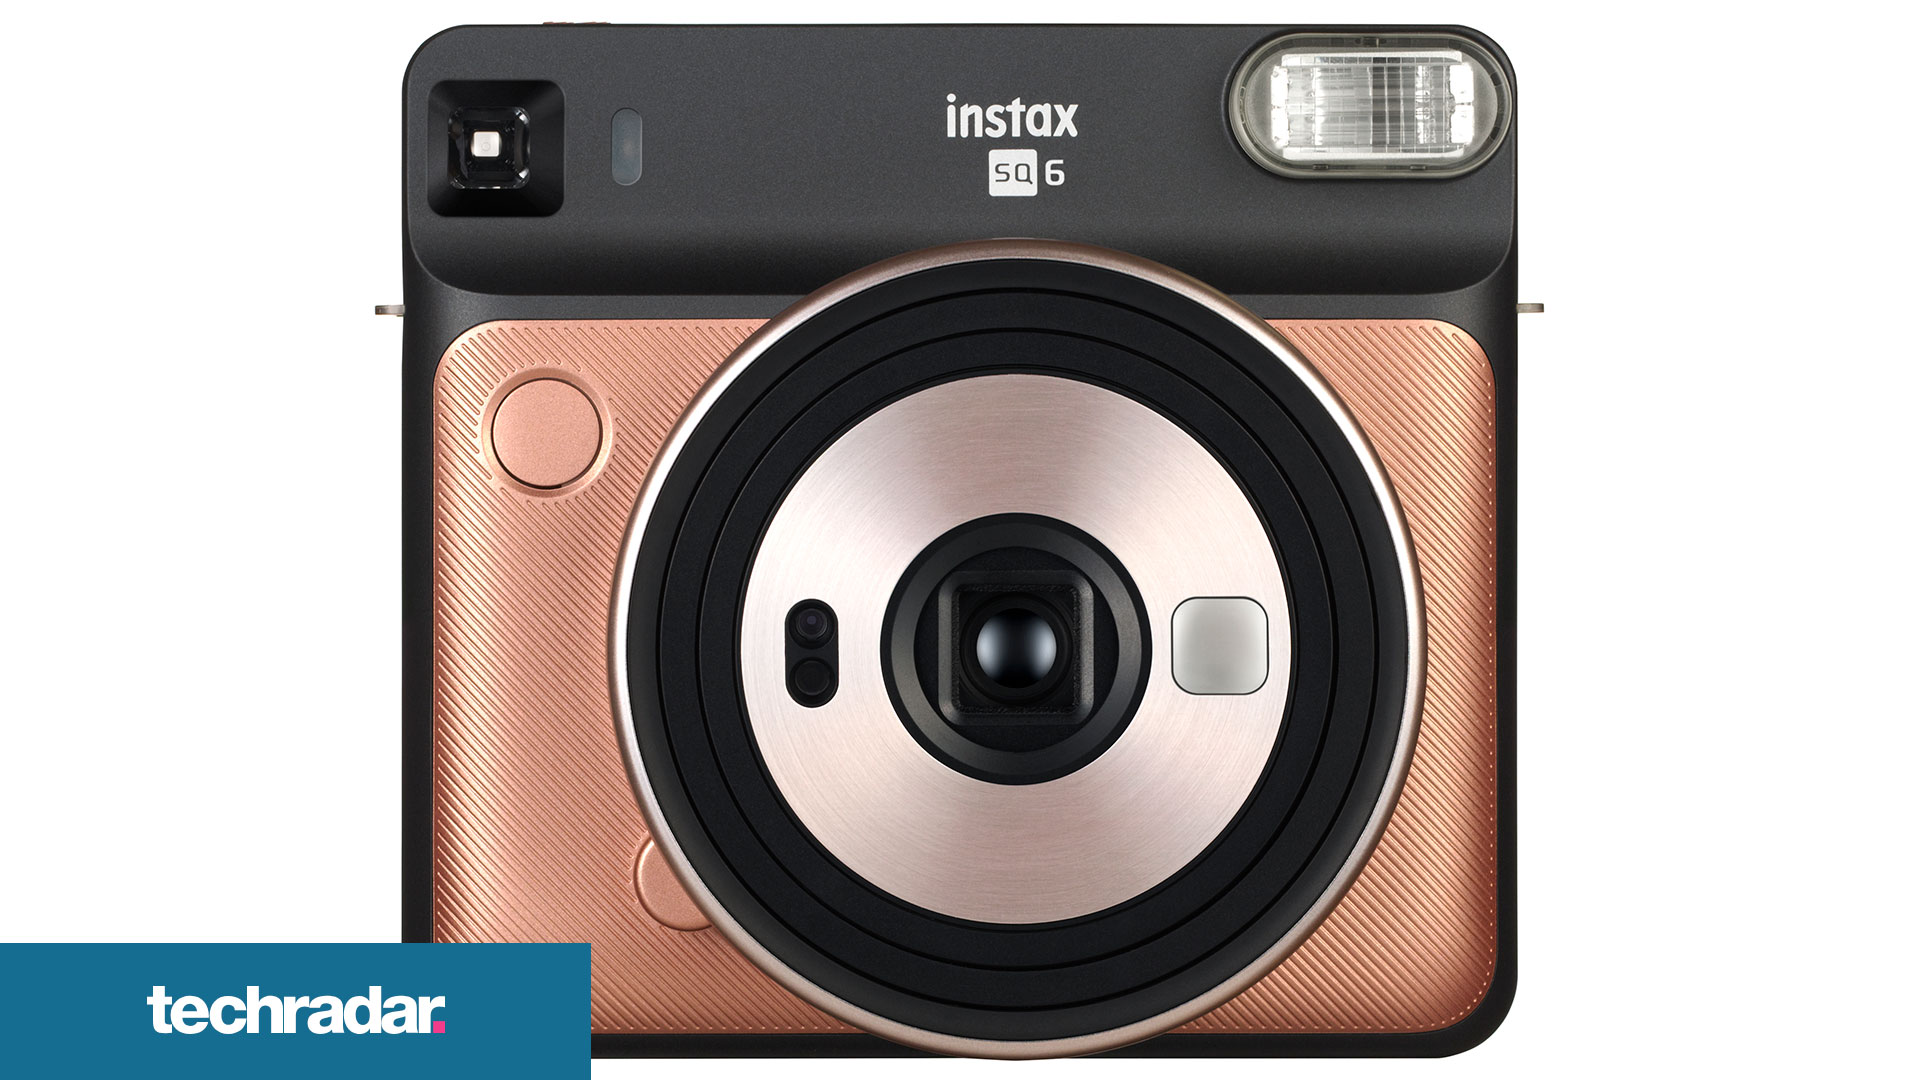 Fujifilm Instax Square SQ6 announced